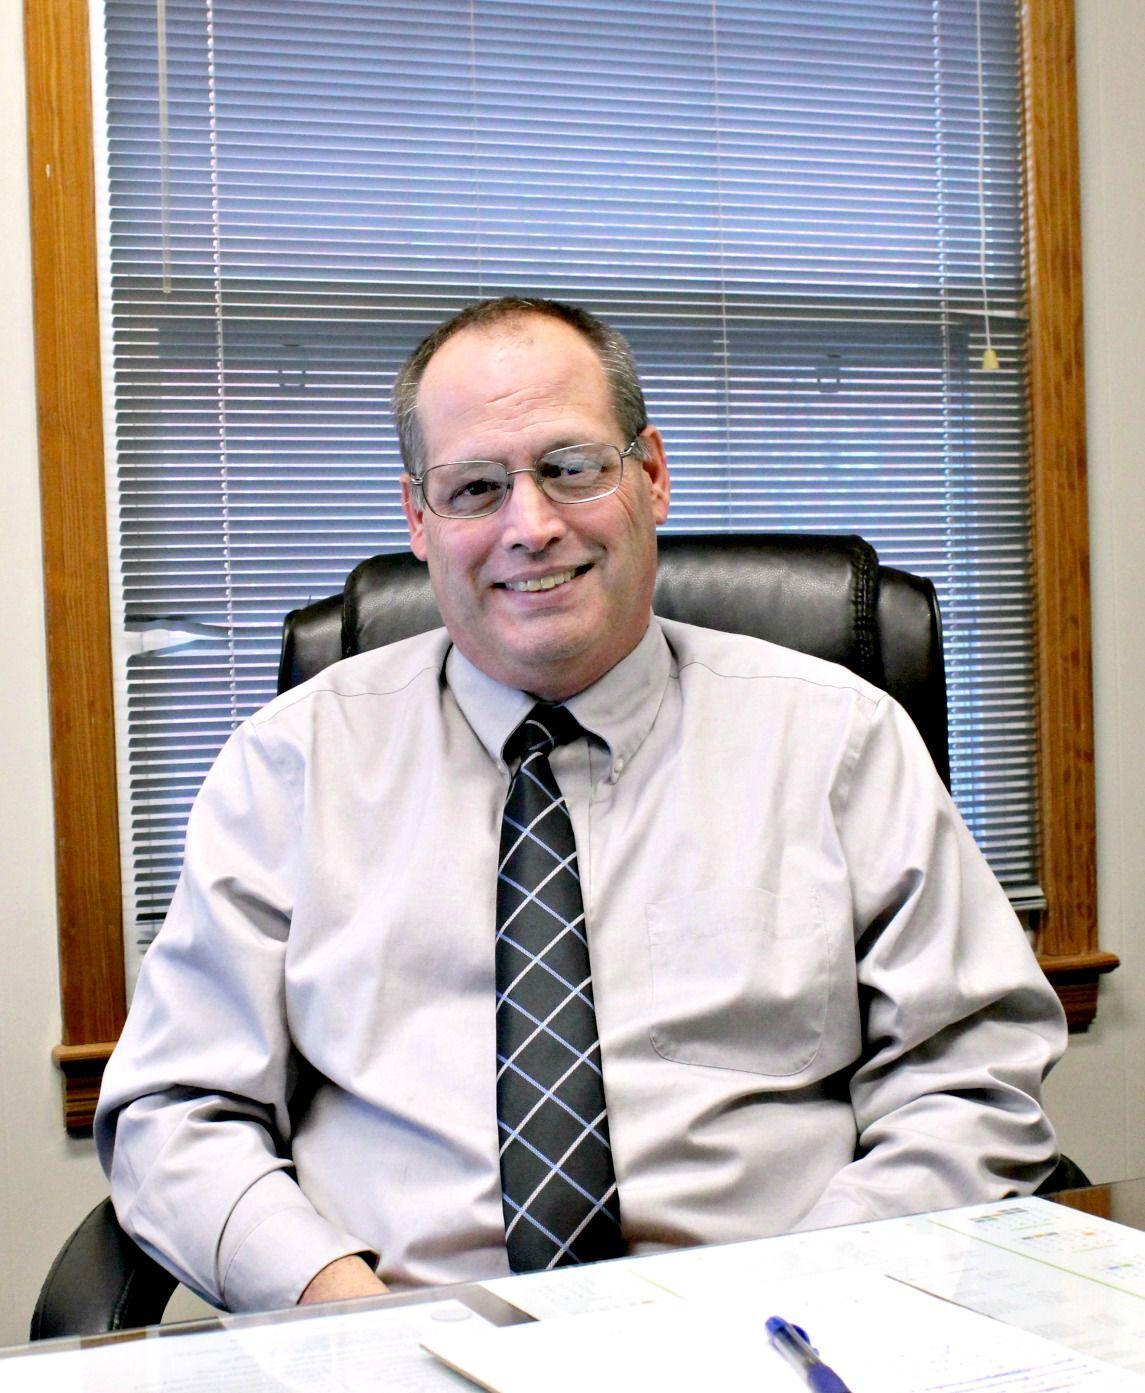 Dean Gilbert